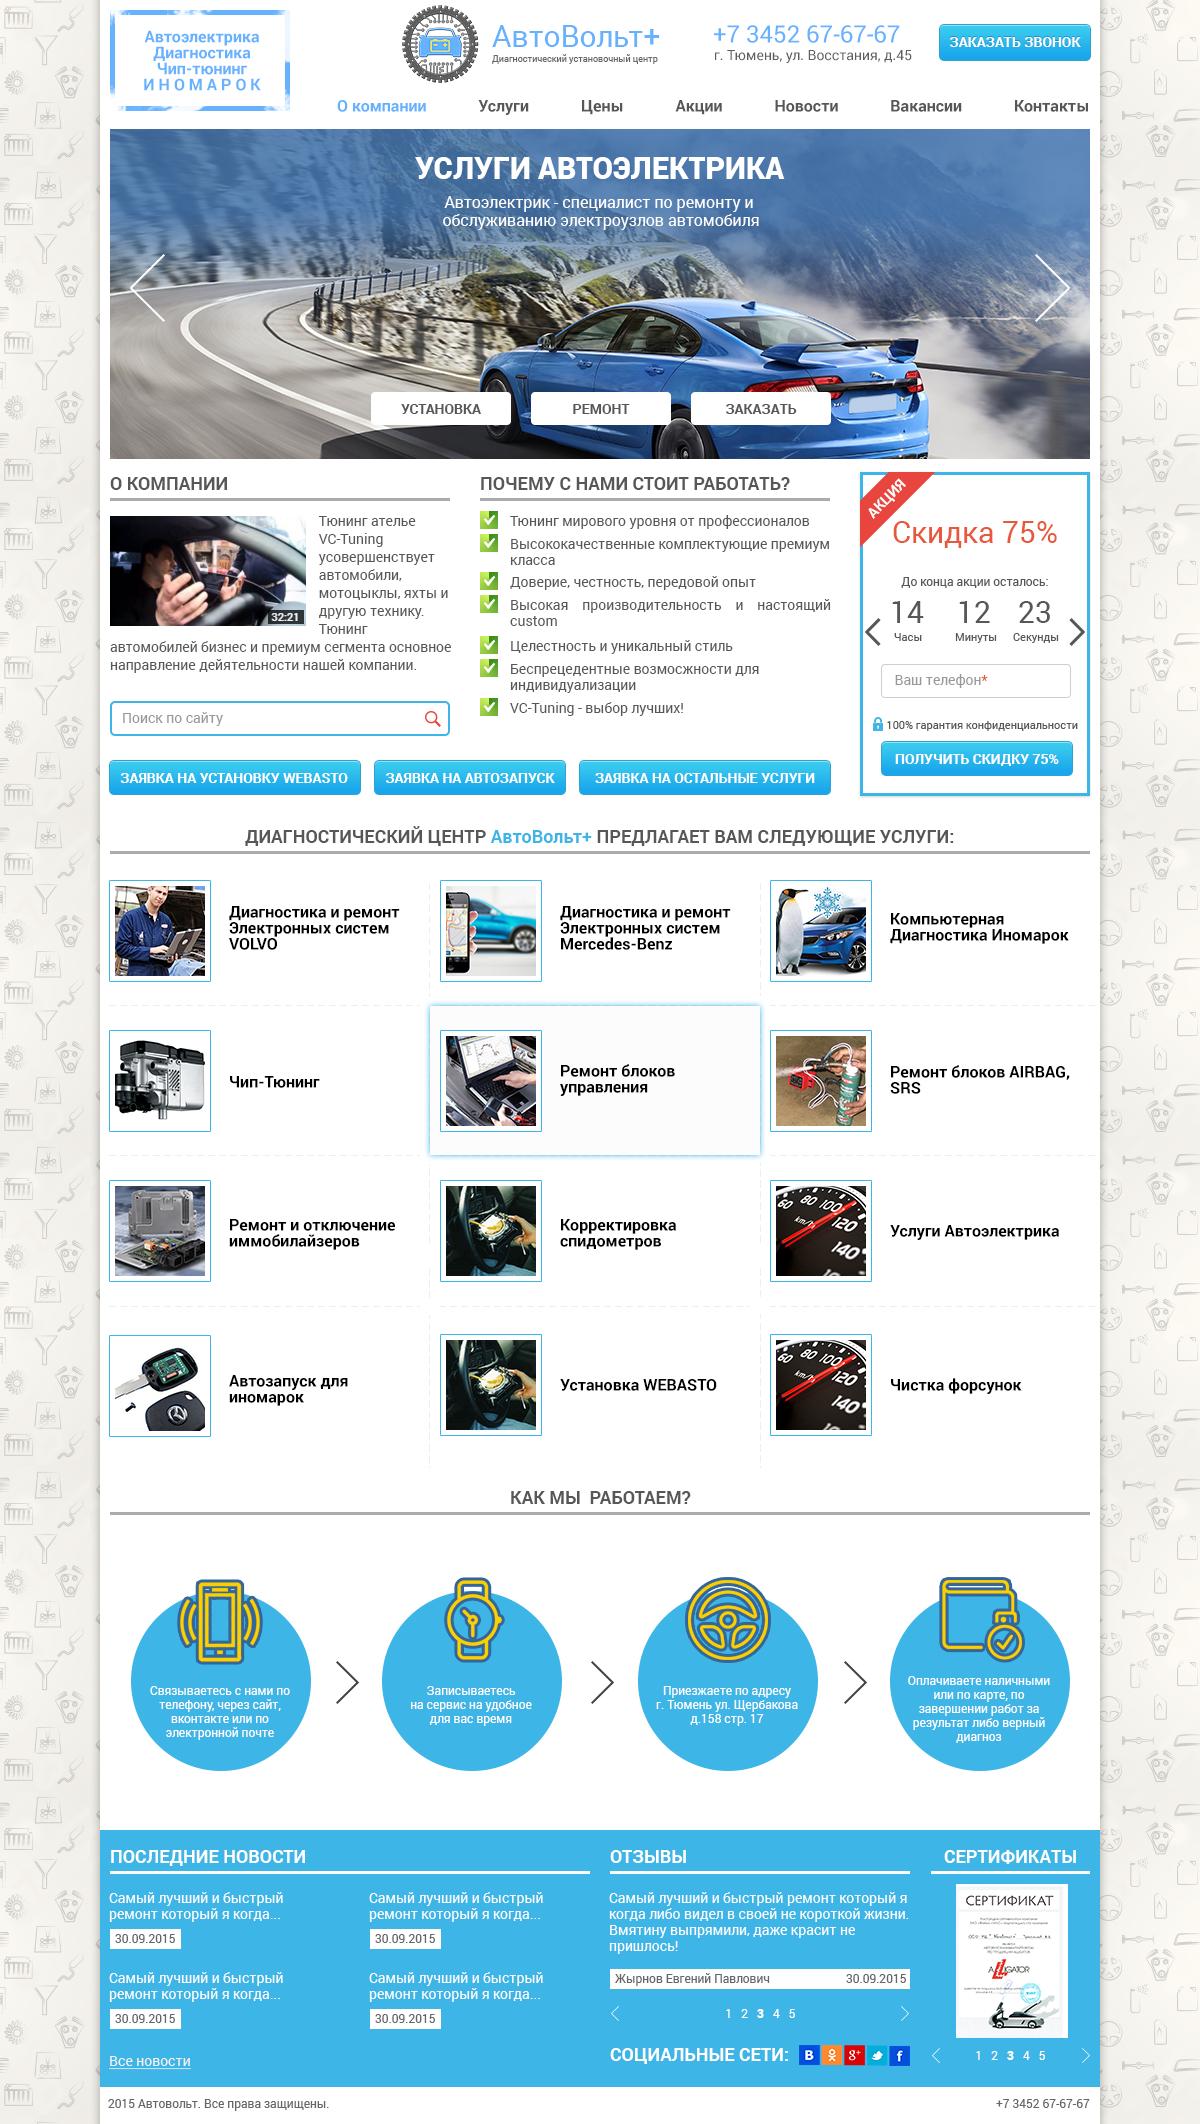 Дизайн сайта Автовольт2